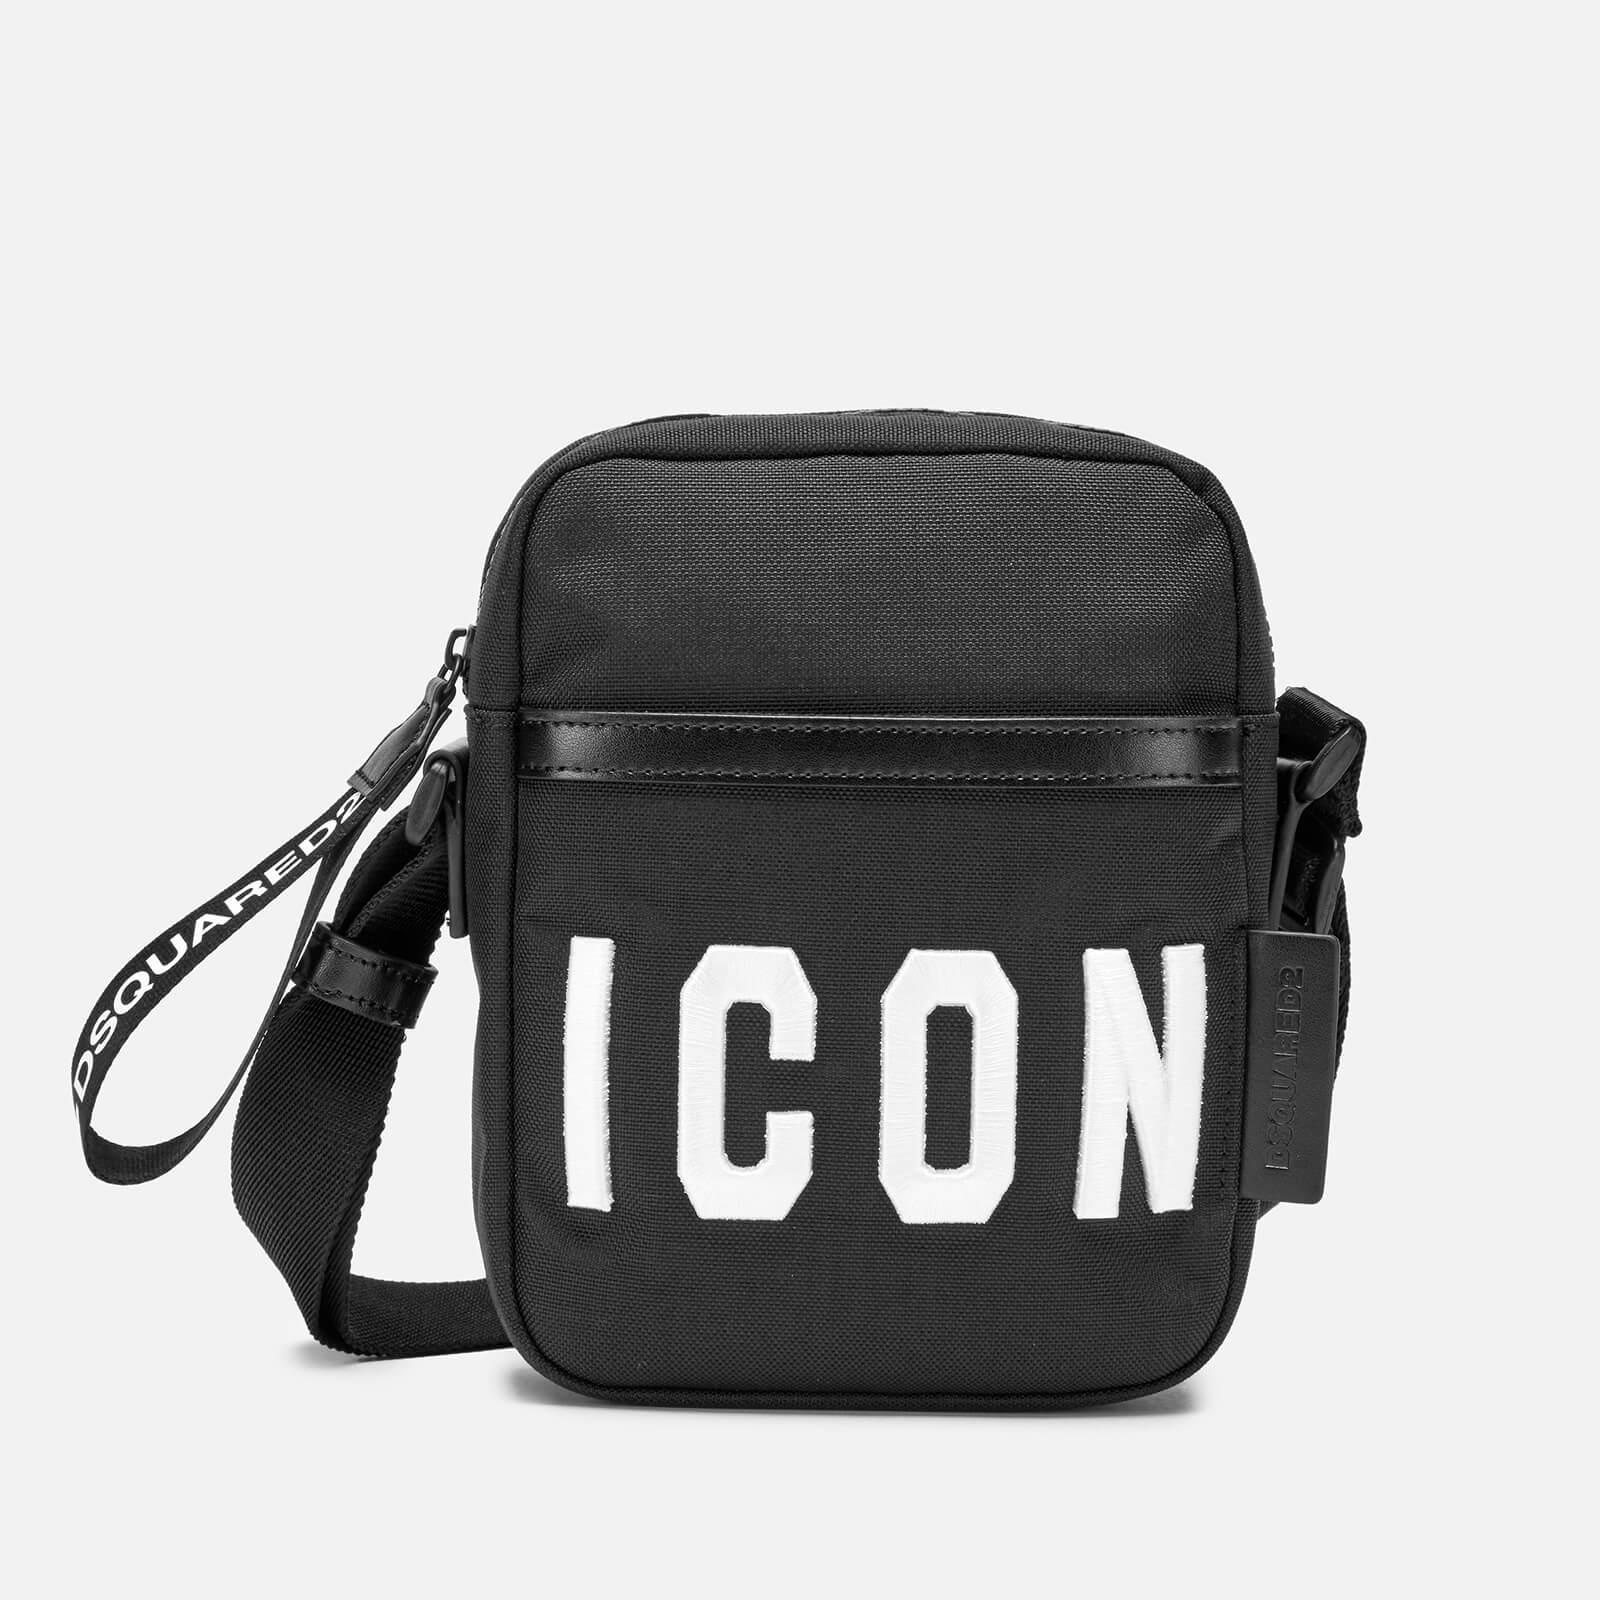 0c910f5e727a48 Dsquared2 Men's Icon Cross Body Bag - Black/White - Free UK Delivery over  £50